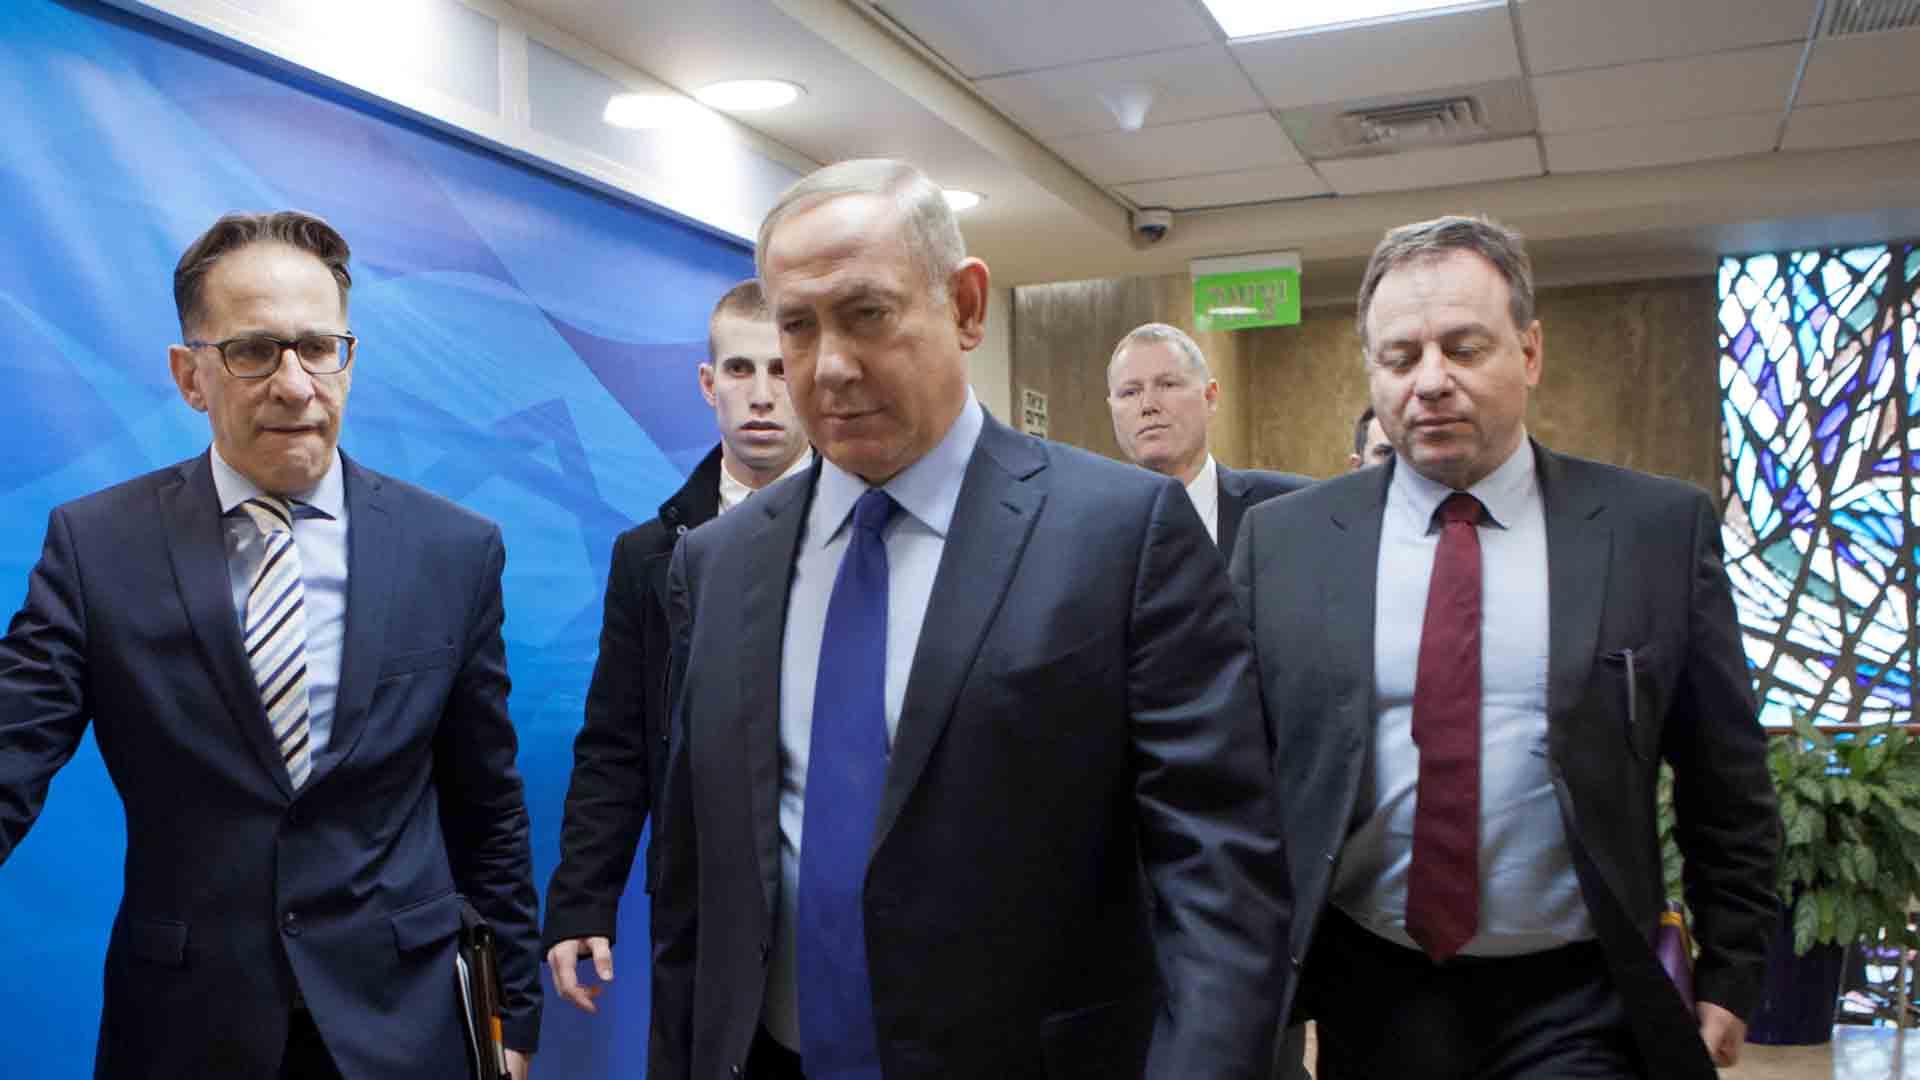 Catorce miembros del Consejo de Seguridad votaron a favor de erradicar los asentamientos judíos en territorios ocupados